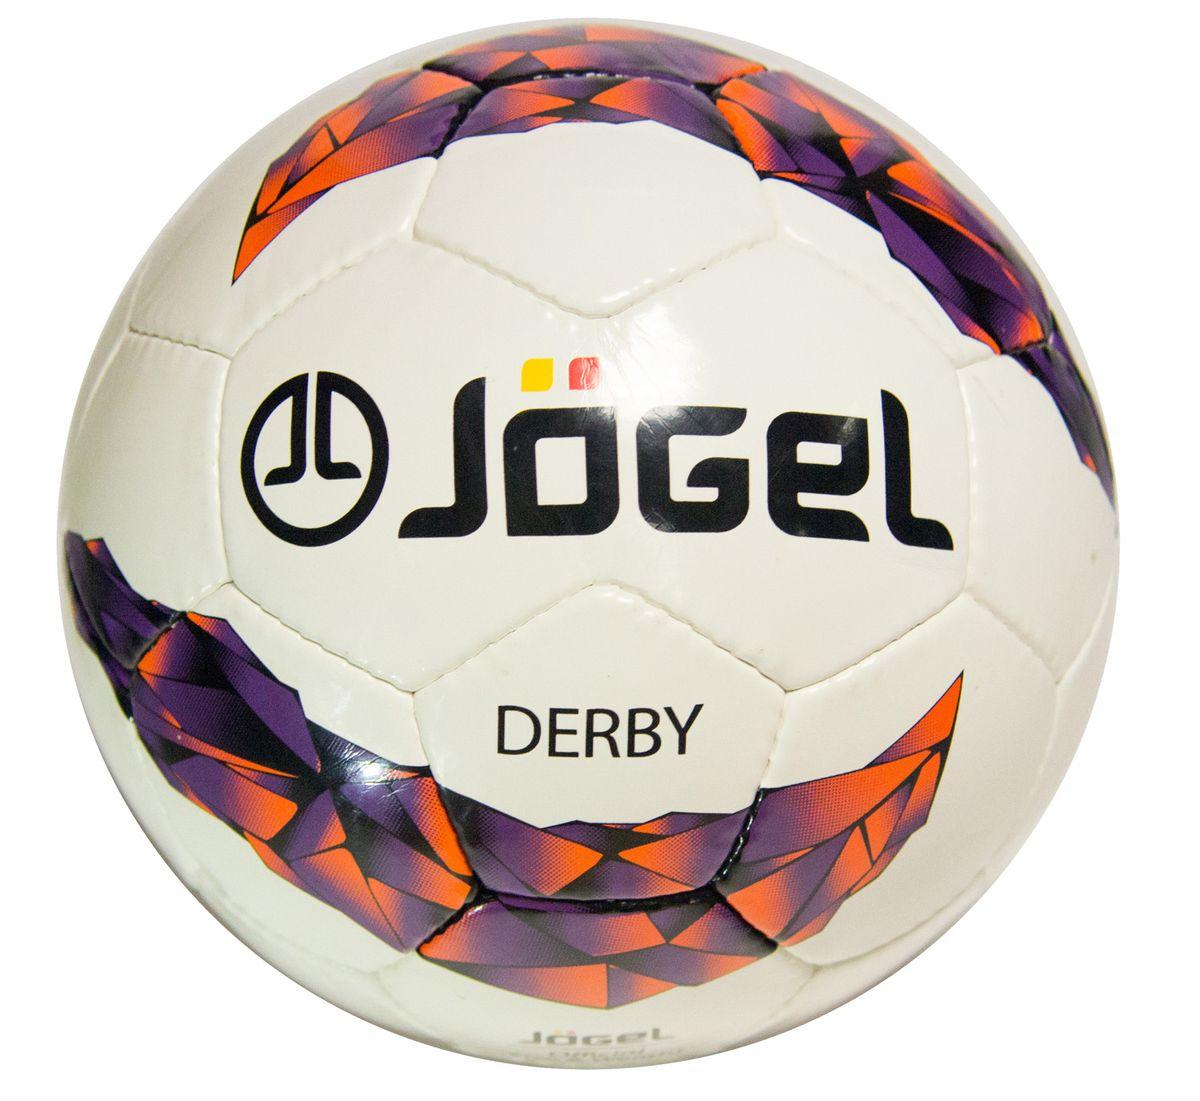 """Мяч футбольный Jogel """"Derby"""", цвет: белый, сиреневый, оранжевый, черный. Размер 4. JS-500 УТ-00009475"""